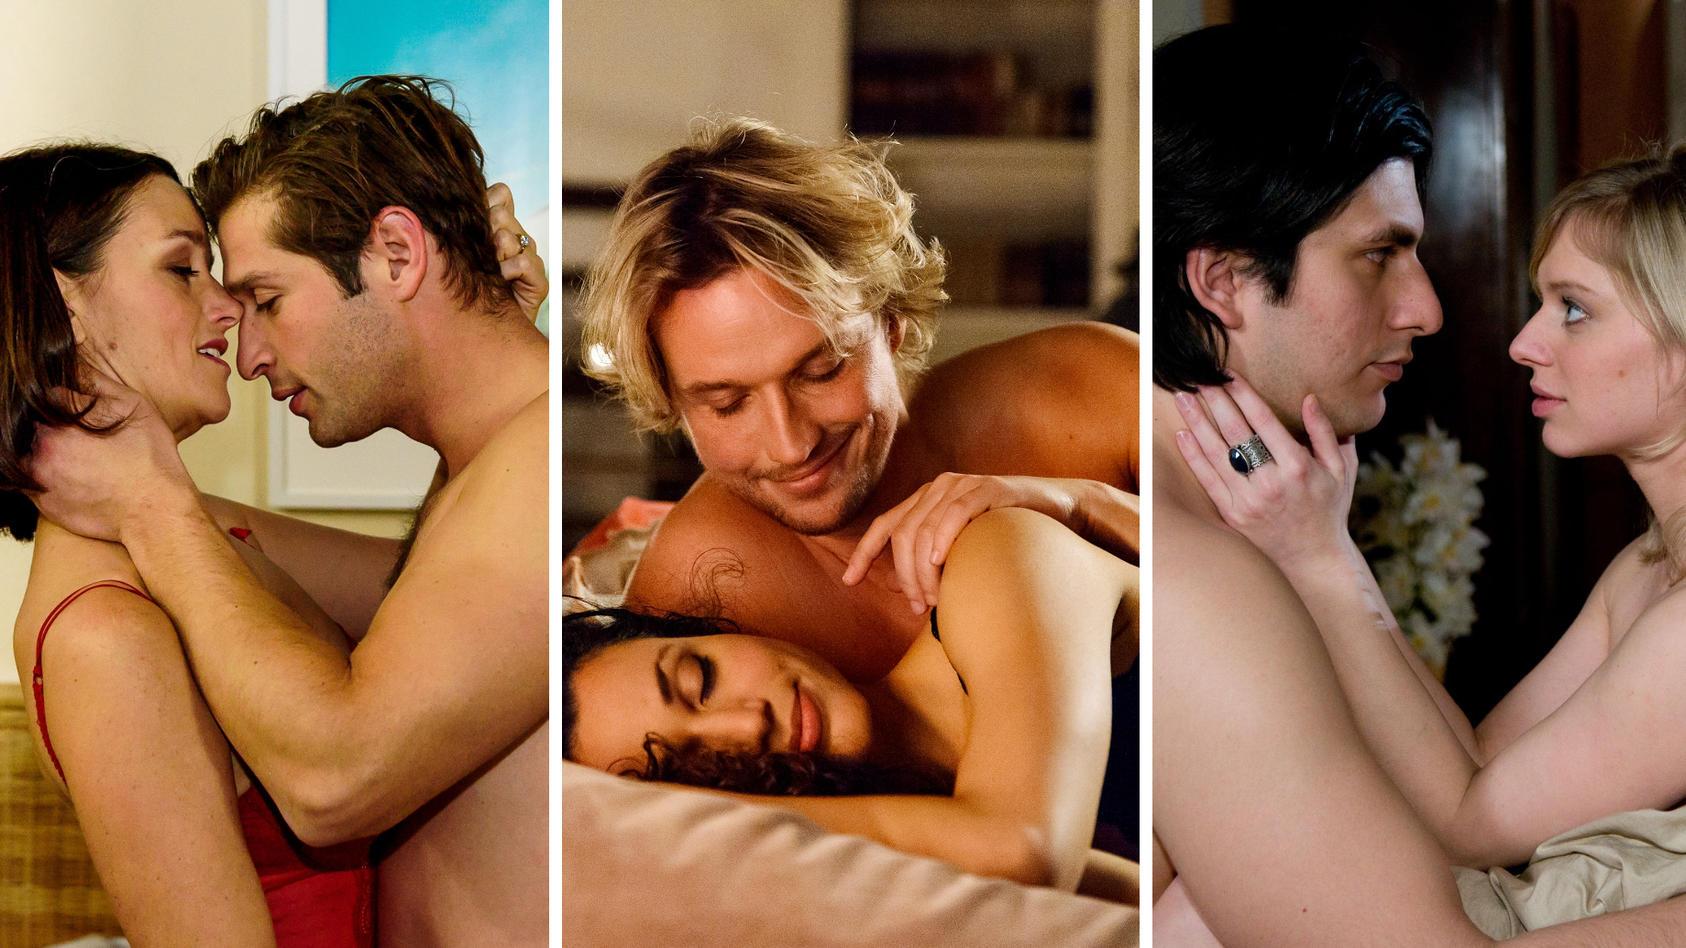 In 15 Jahren AWZ-Geschehen gab es viele leidenschaftliche Momente. Doch wie viele Sex-Szenen gab es genau? Wir haben nachgezählt.